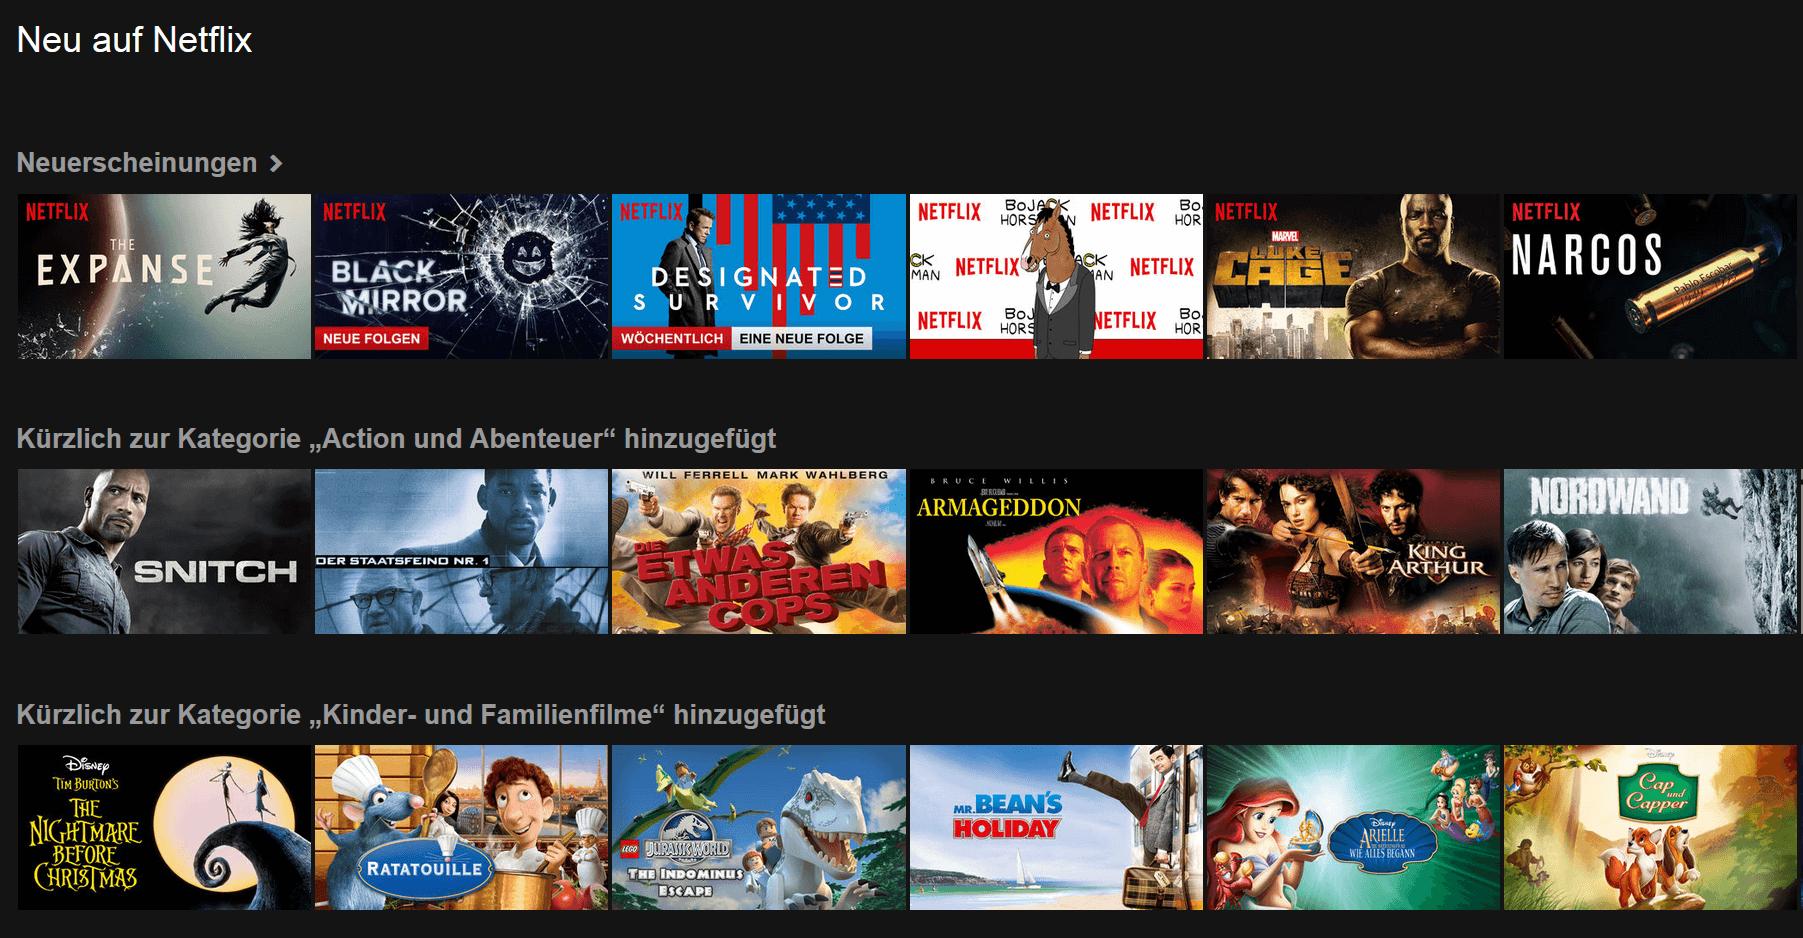 netflix kostenlos, netflix kosten deutschland, netflix probemonat, netflix preis, netflix Erfahrungen, netflix Test, Netflix Review